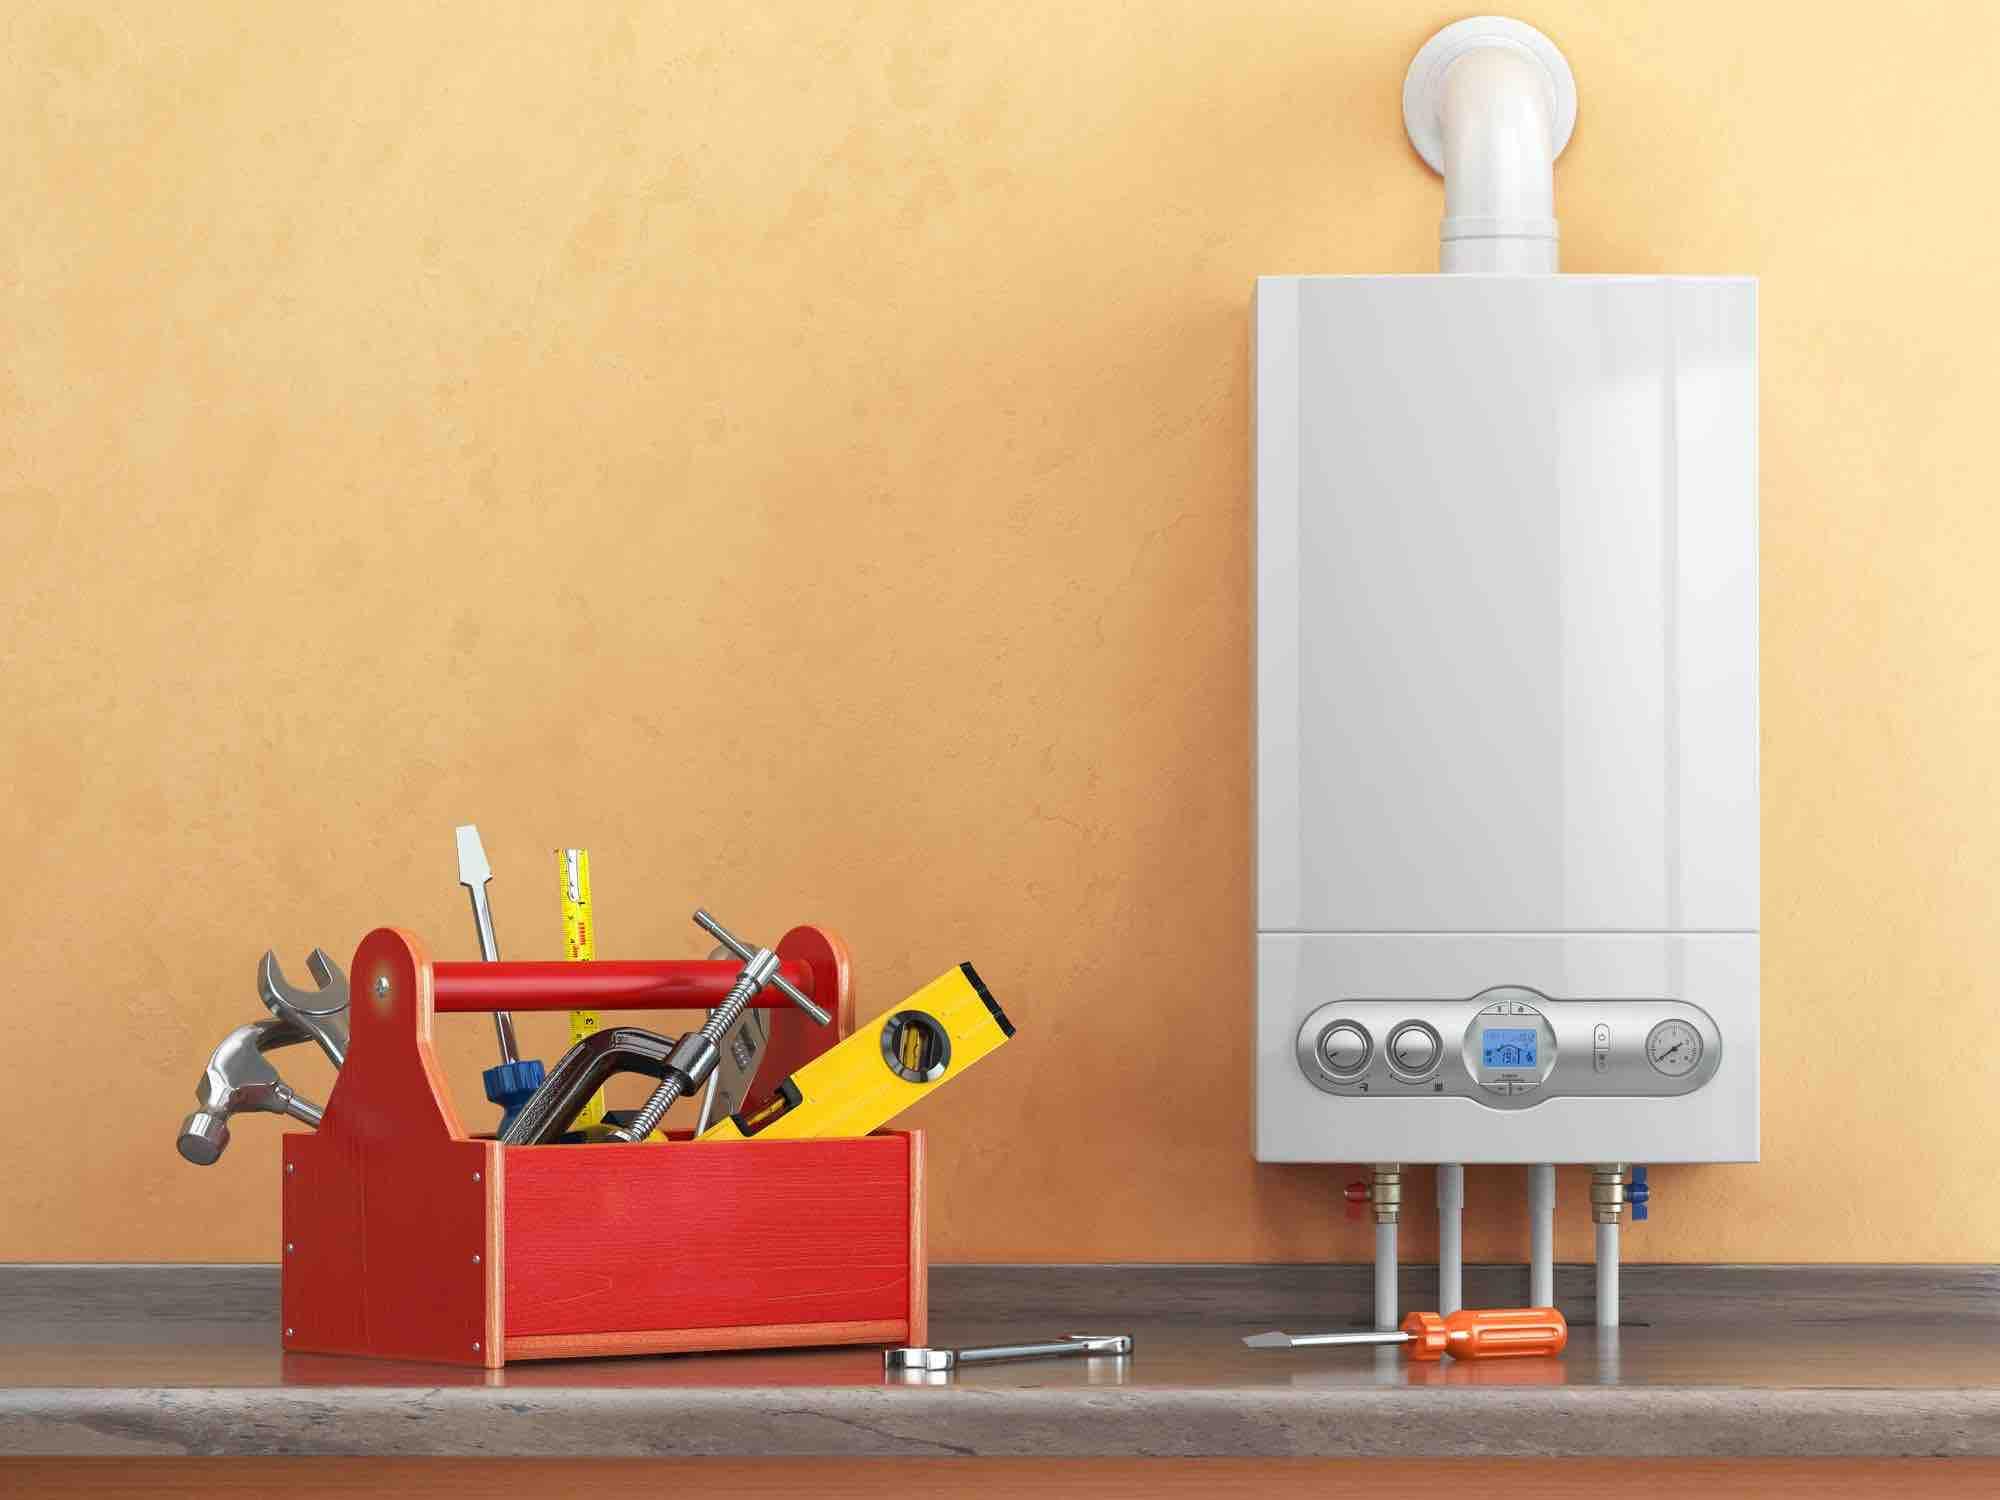 fréquence entretien chauffe eau